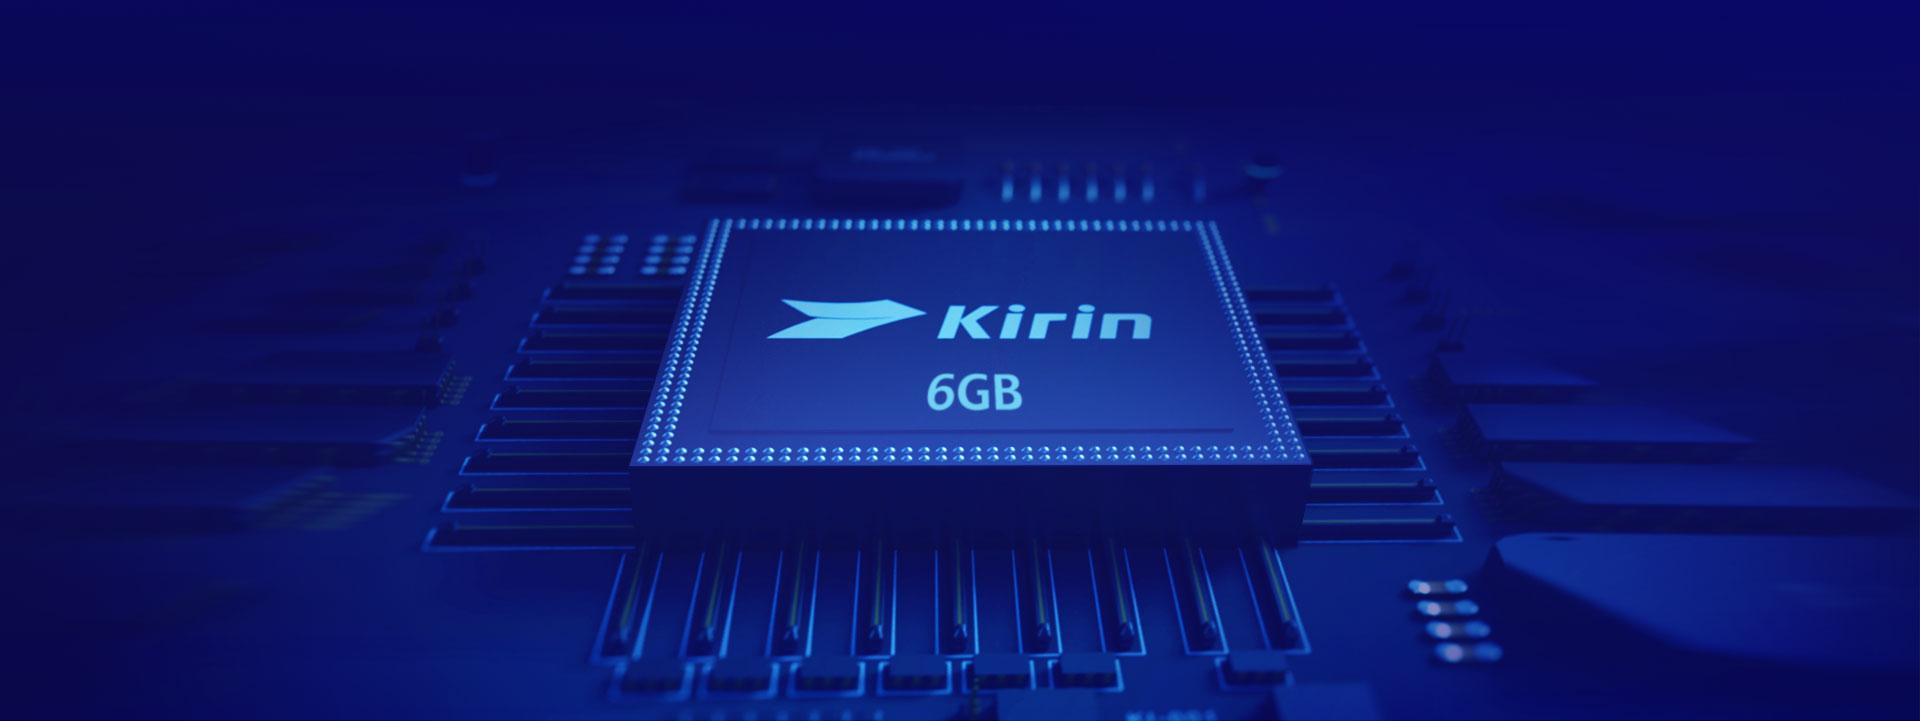 HONOR 8 Pro Price/Review: Buy Kirin 960 Phone | HONOR Global